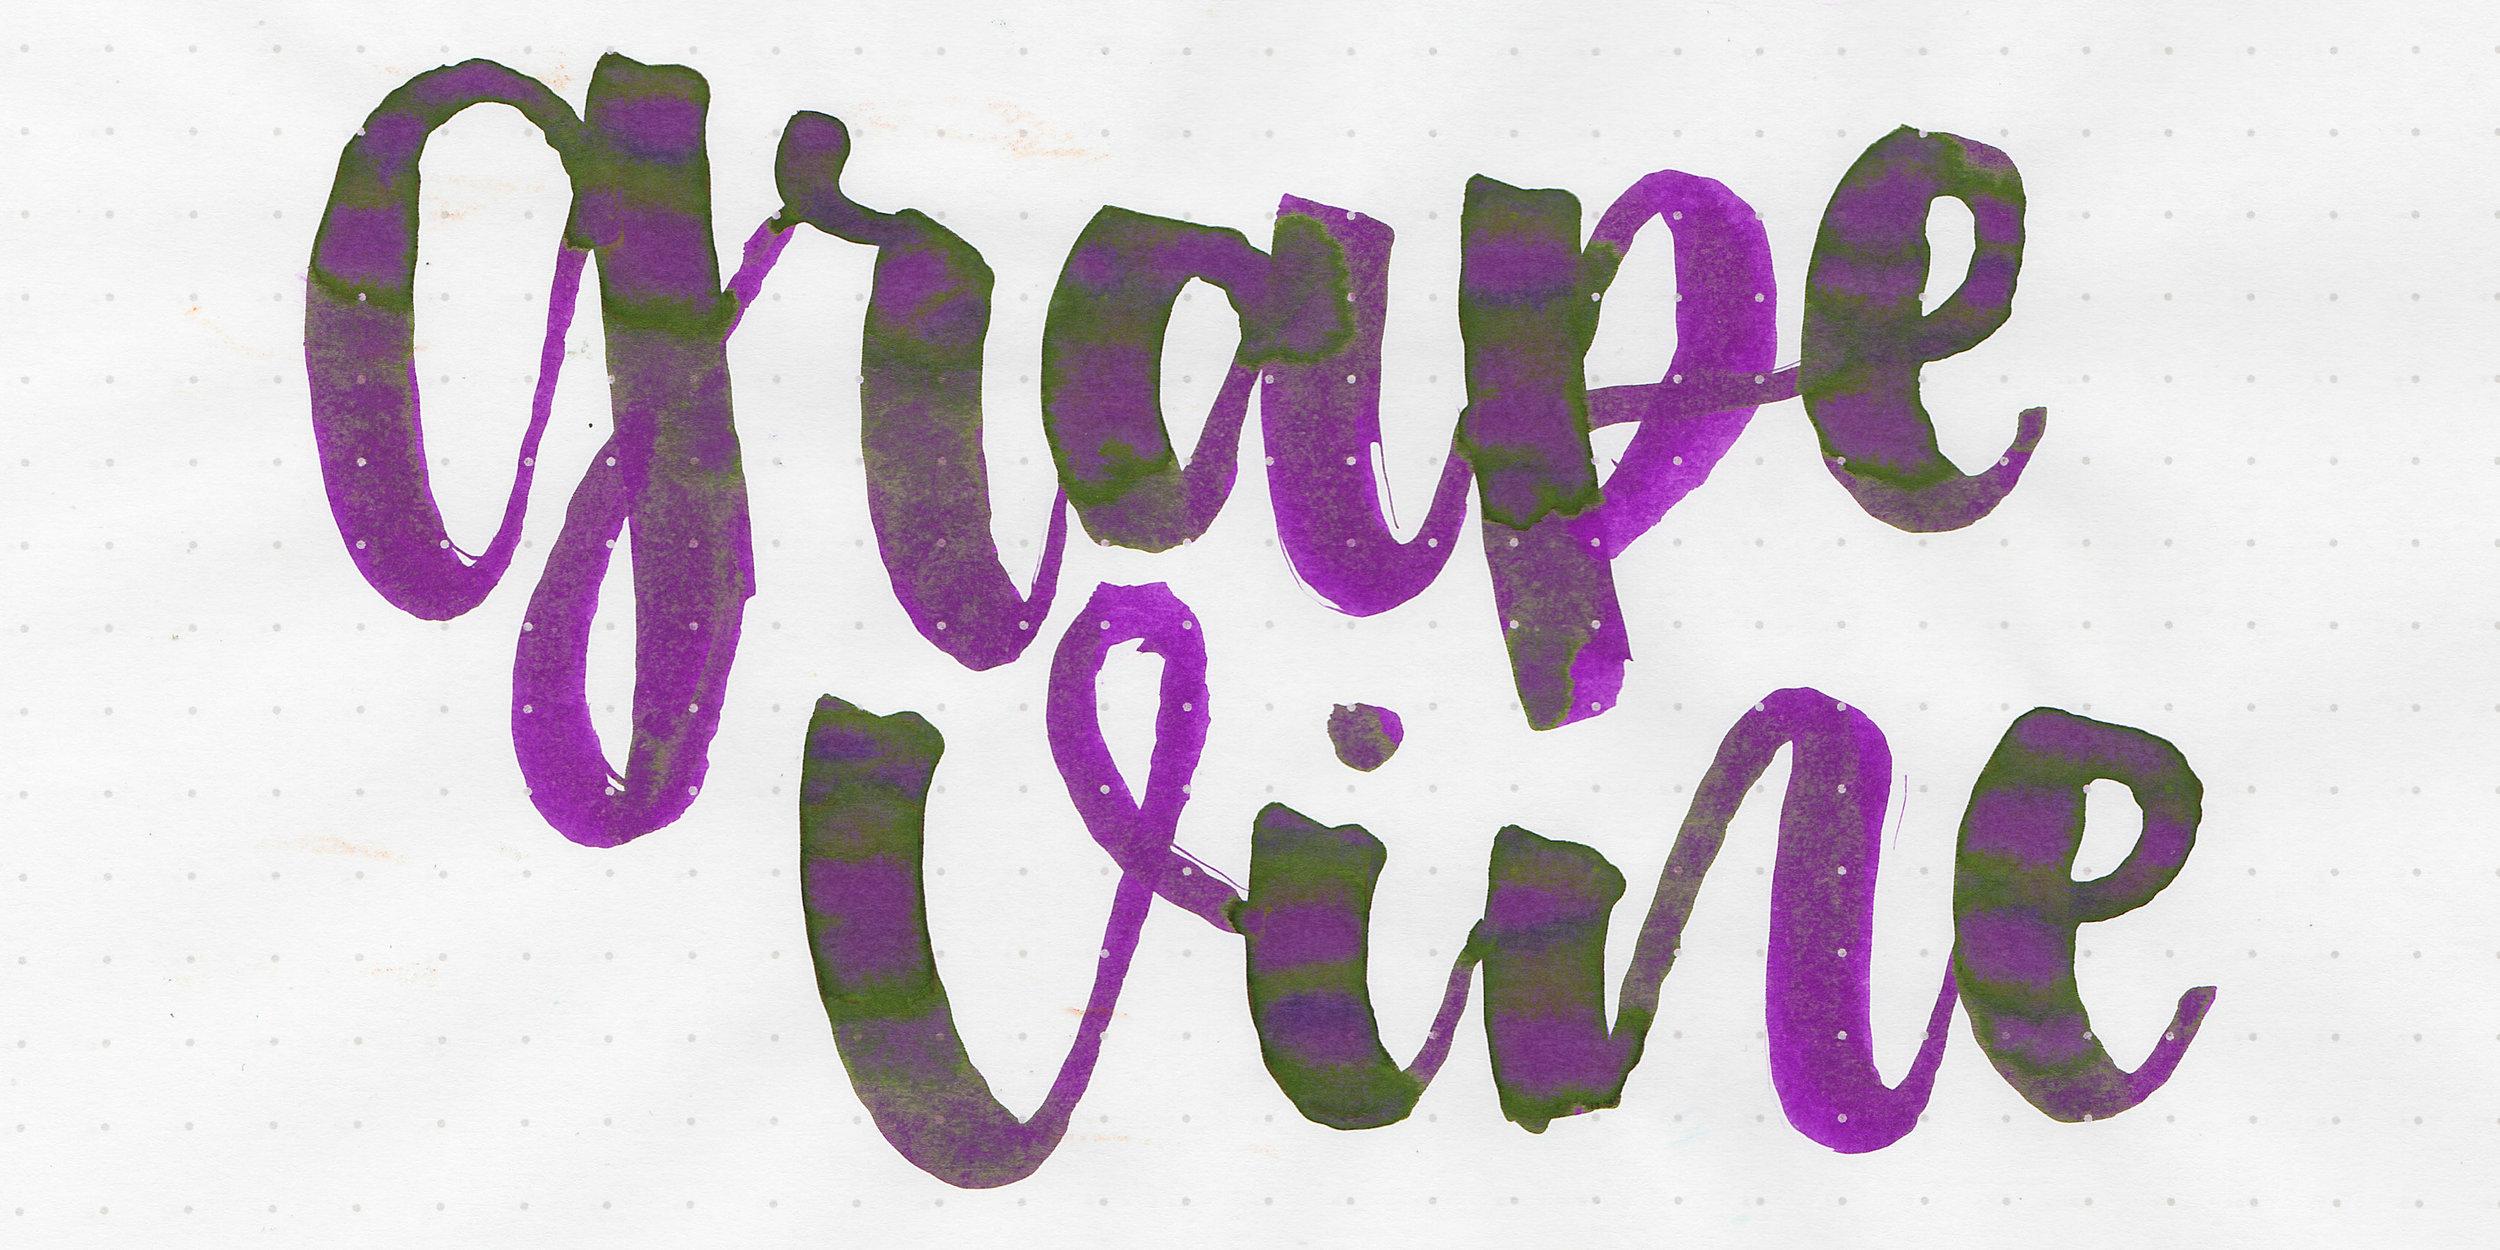 tbm-grape-vine-2.jpg